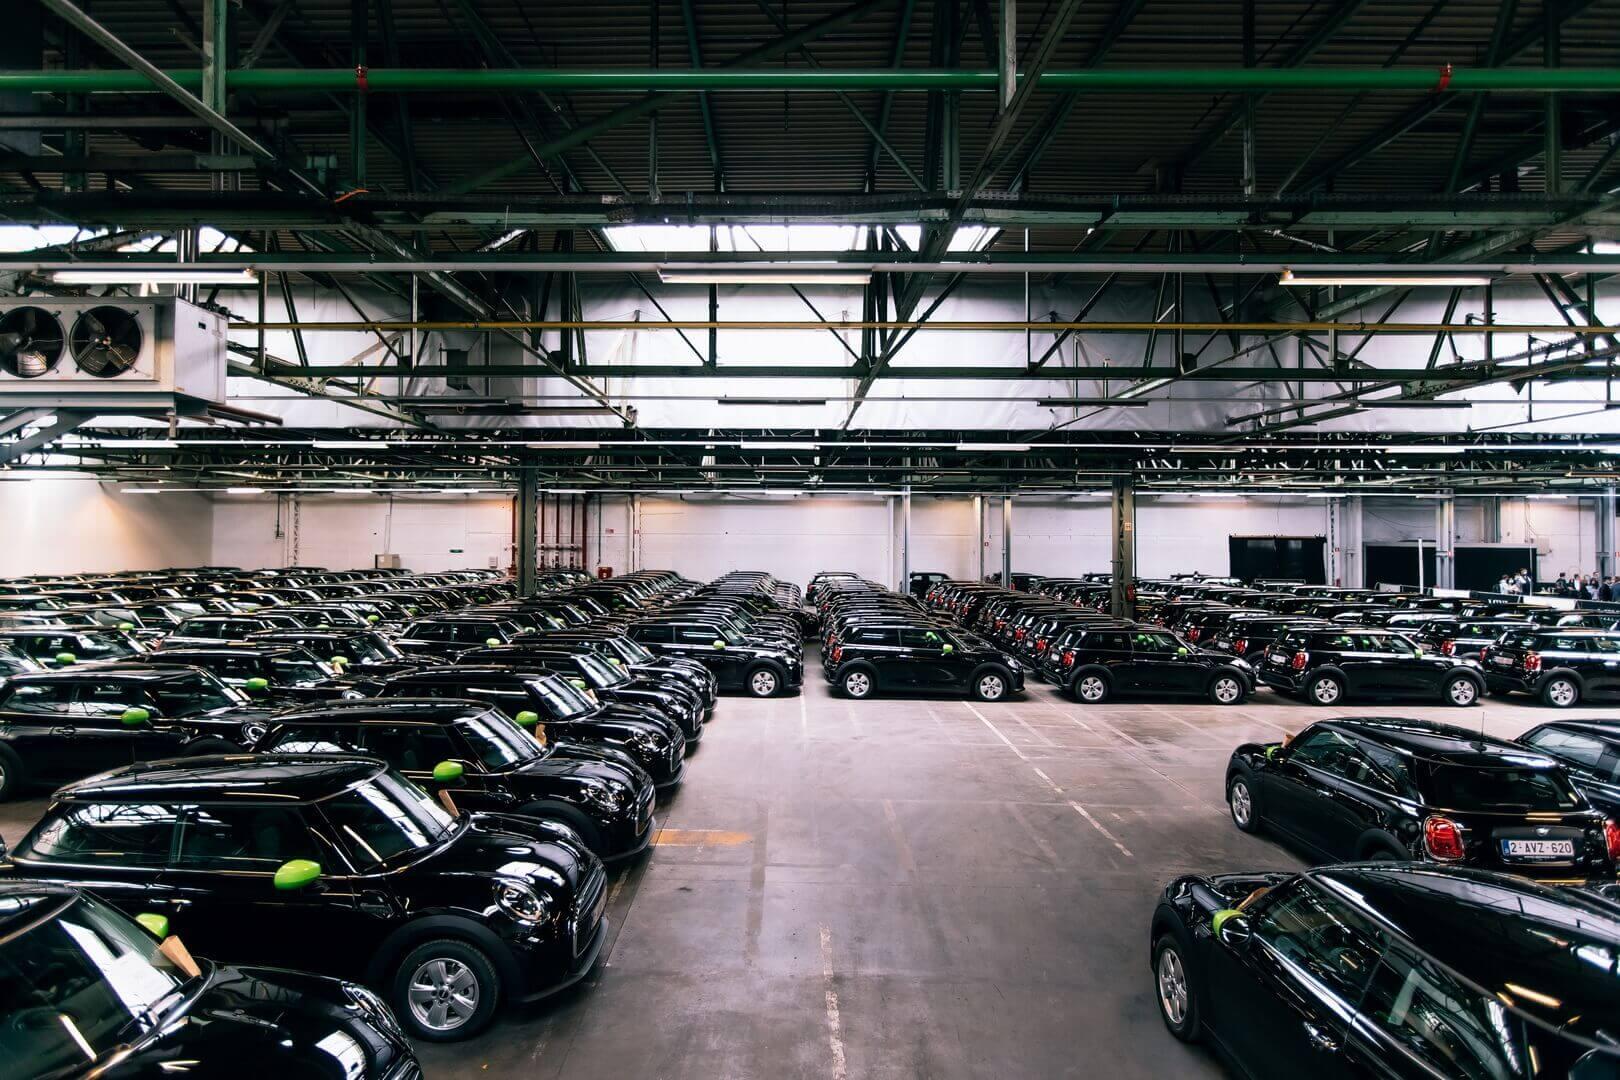 Самый большой парк MINI Cooper SEвЕвропе — каждый четвертый сотрудник Deloitte вБельгии выбирает электромобиль